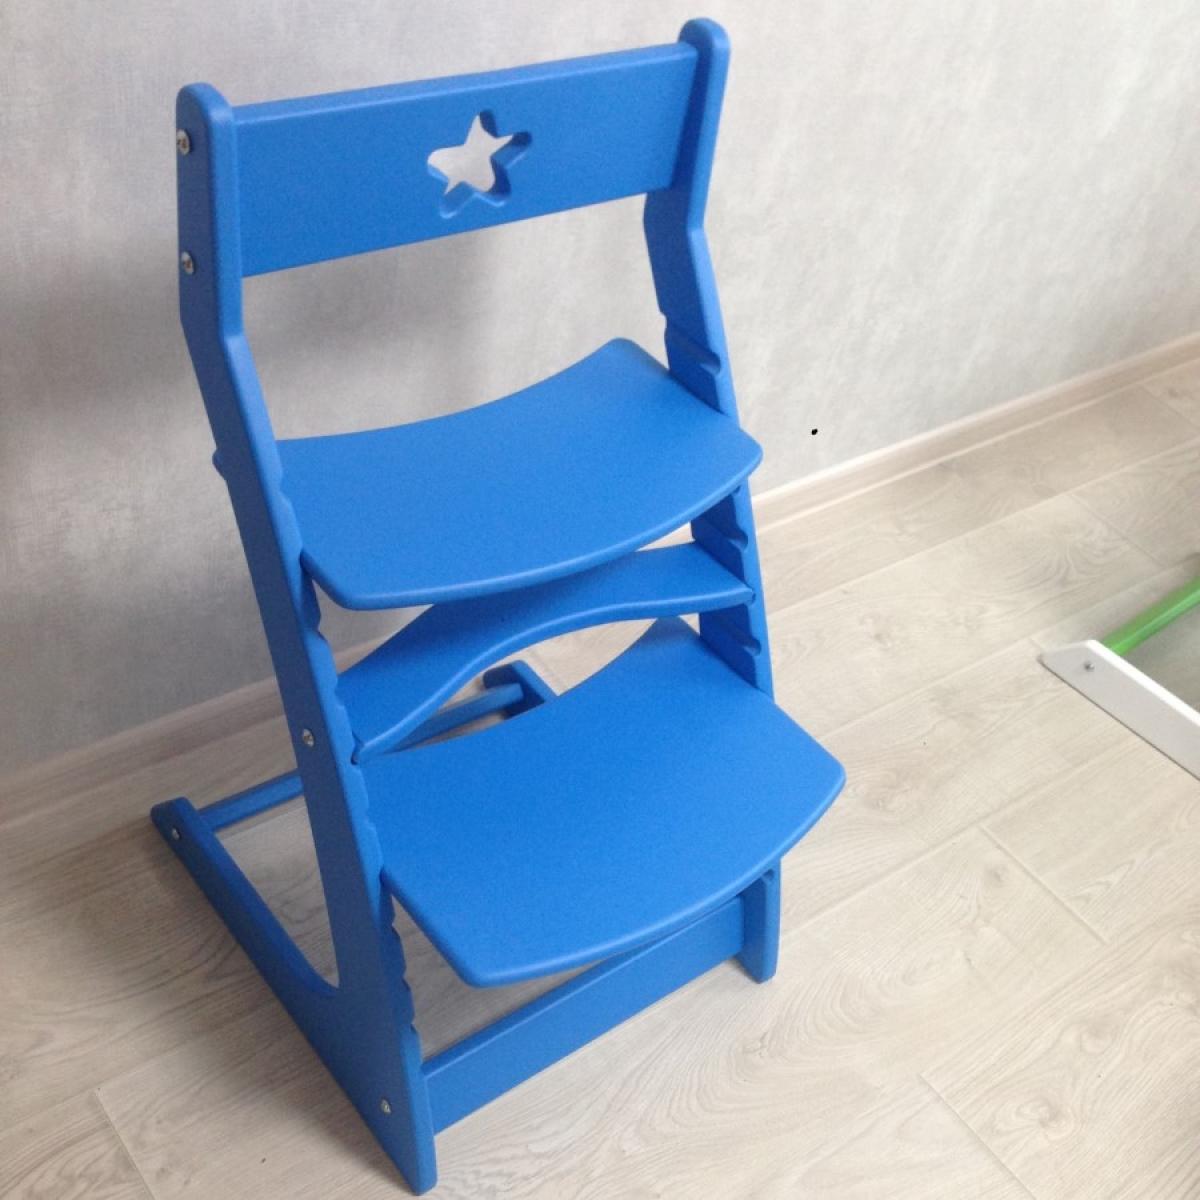 Детский растущий регулируемый стул Ростик/Rostik (синий)